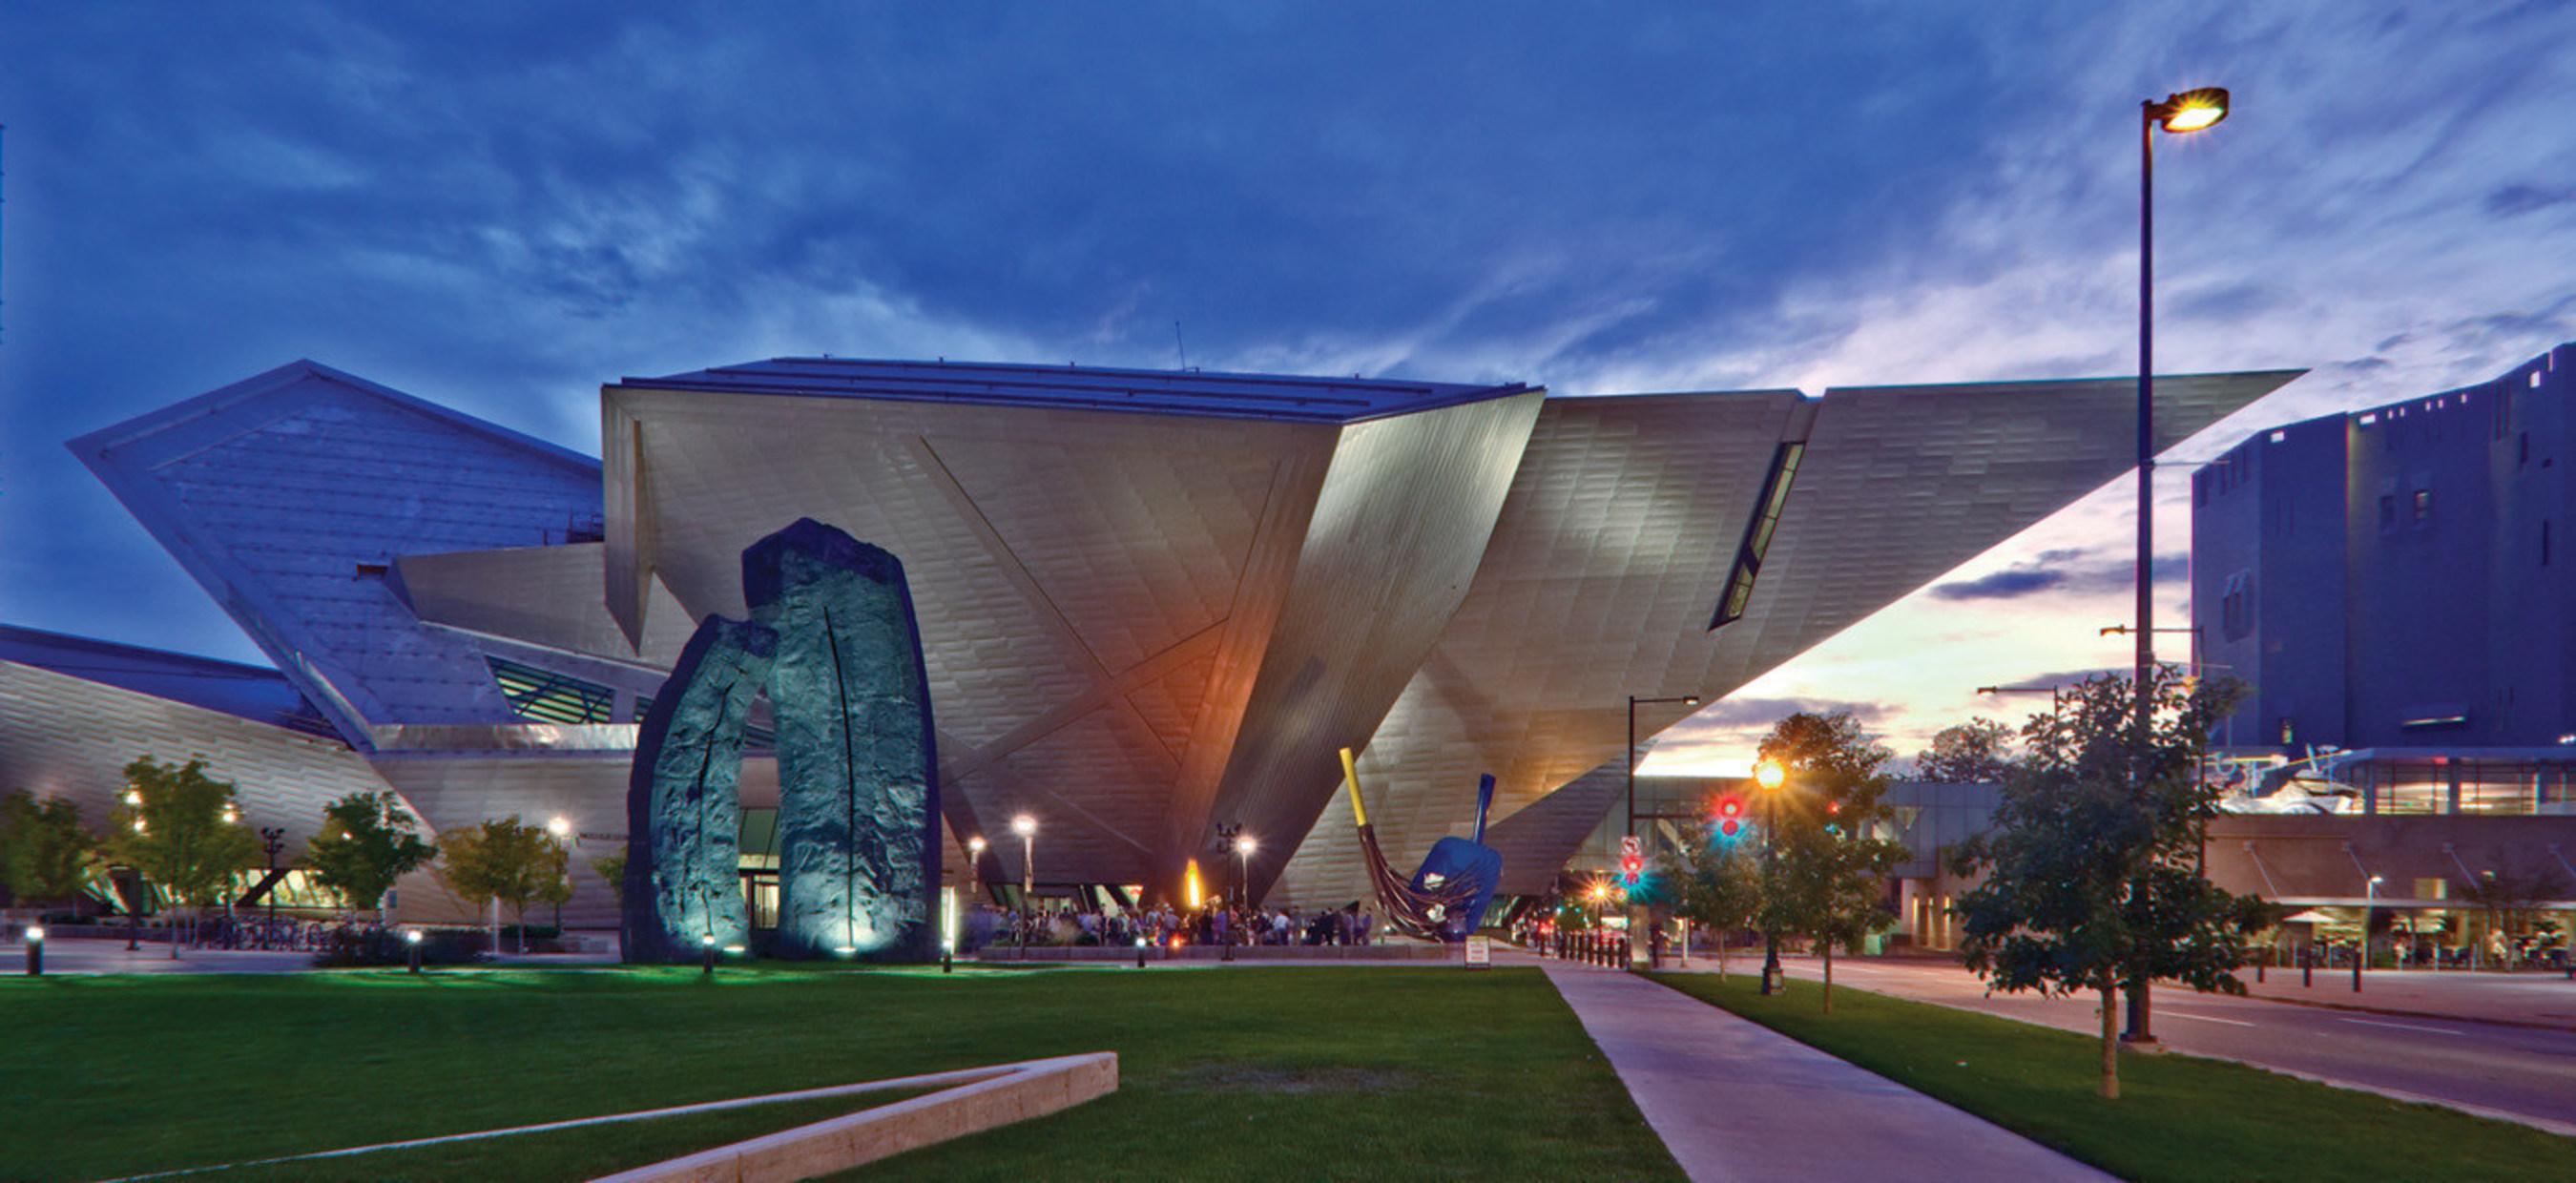 Denver Art Museum. Photo Credit Jeff Wells